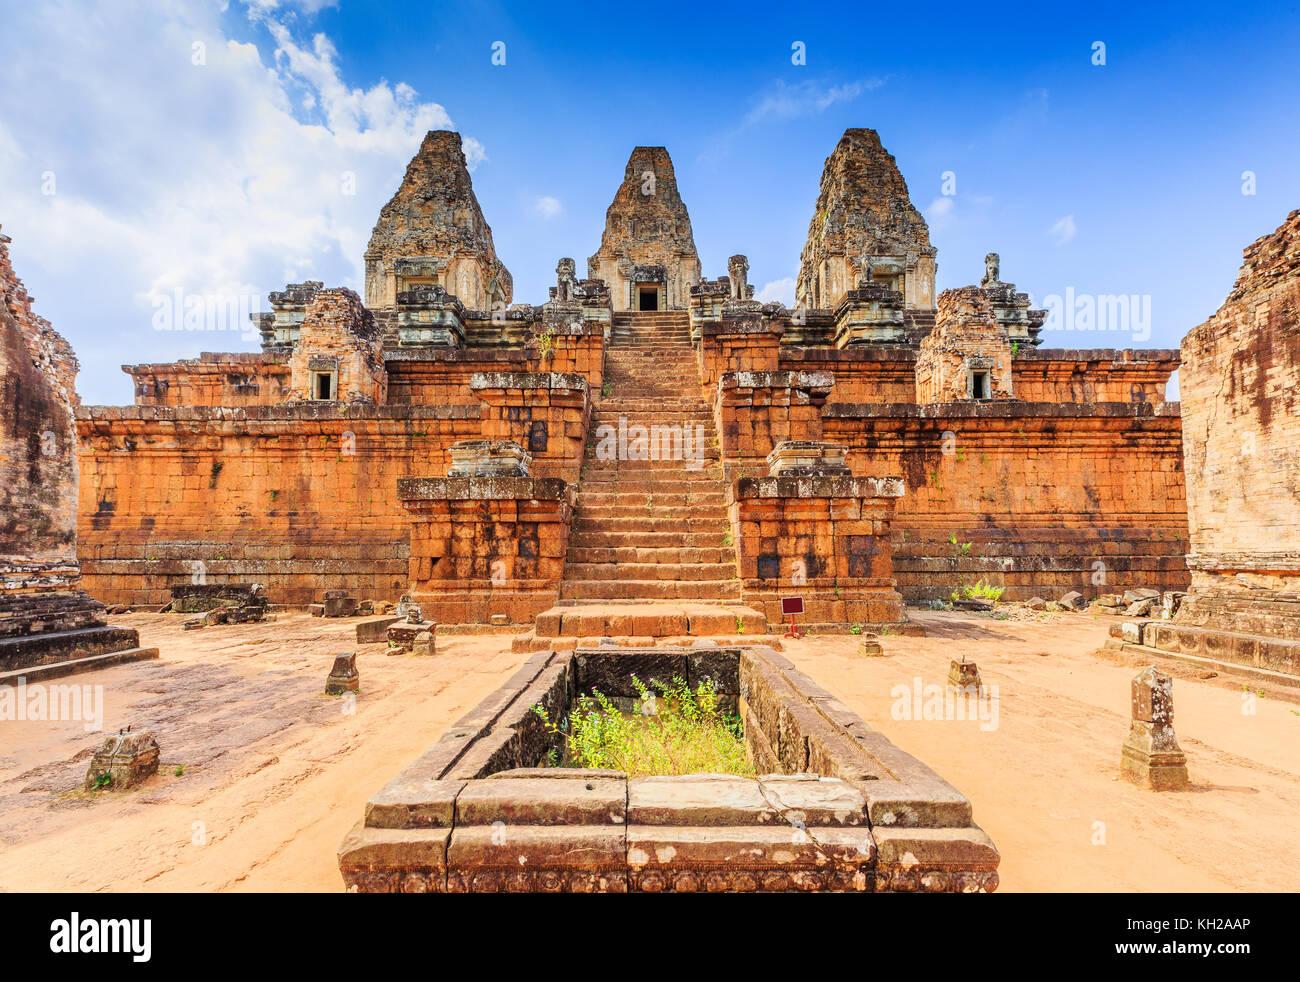 Angkor, en Camboya. El templo Pre Rup. La cisterna y torres centrales. Imagen De Stock